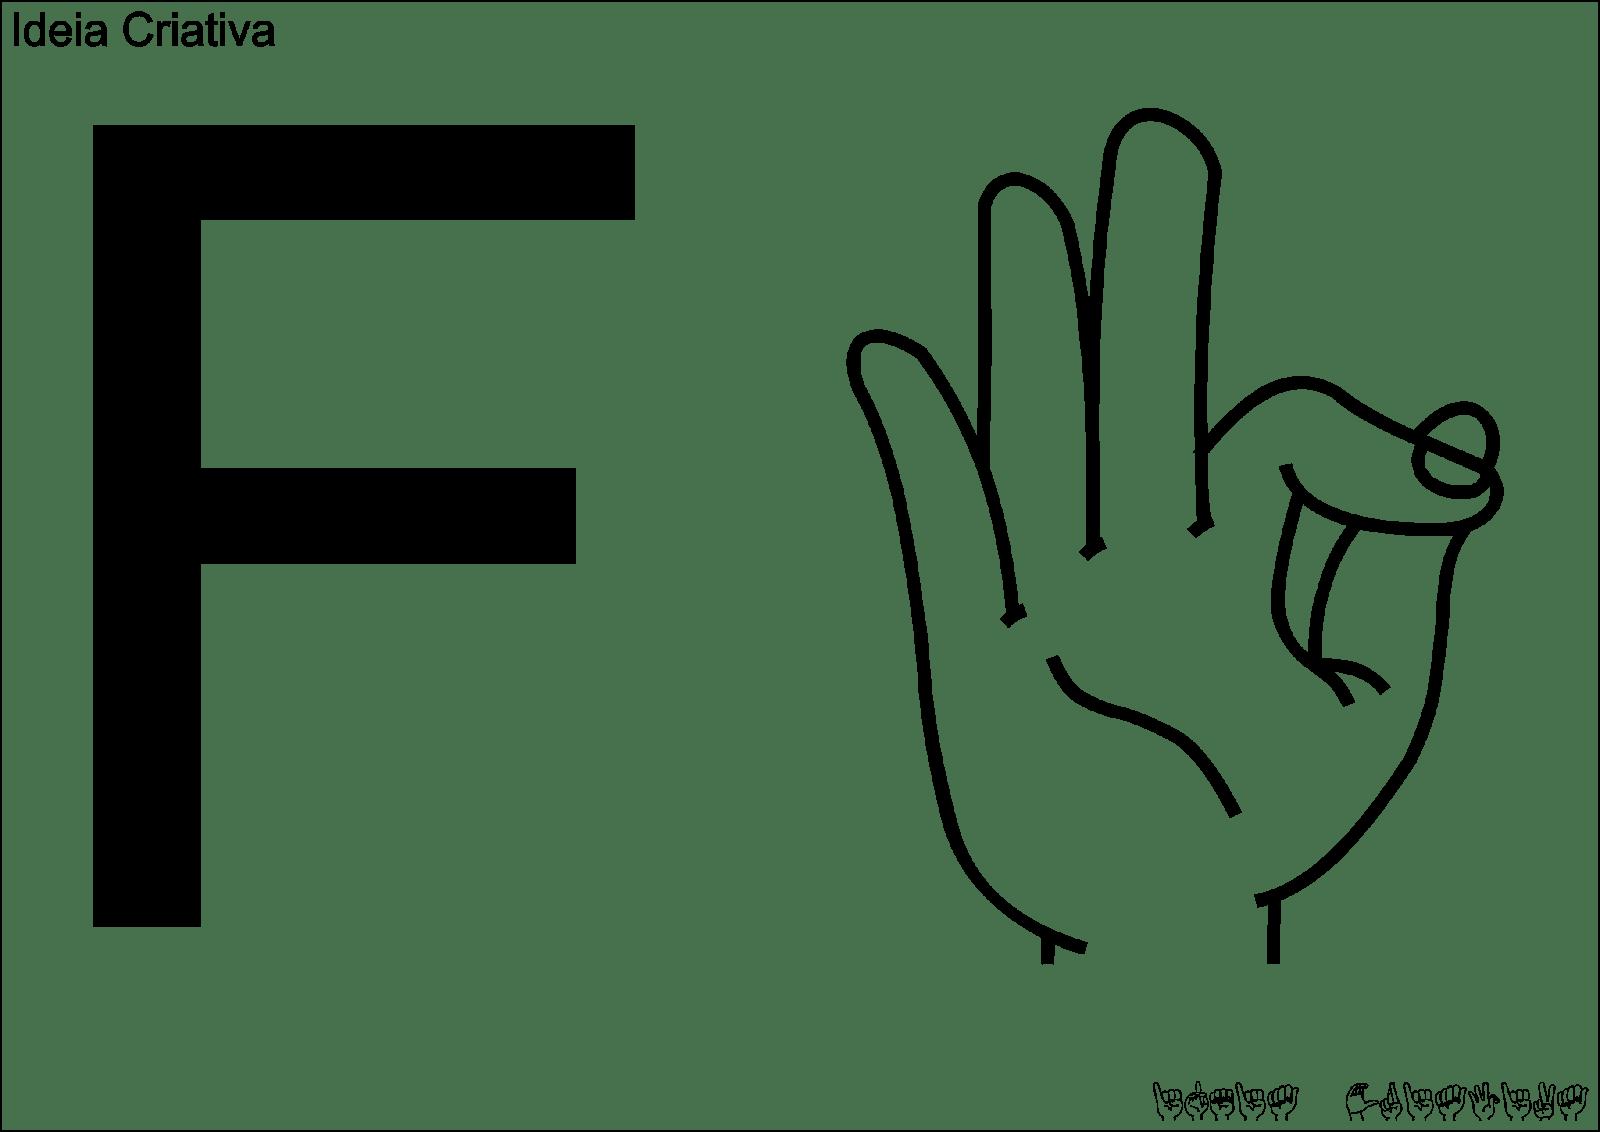 ALFABETO-LIBRAS-PARA-IMPRIMIR-GRÁTIS+(4).png (1600×1132